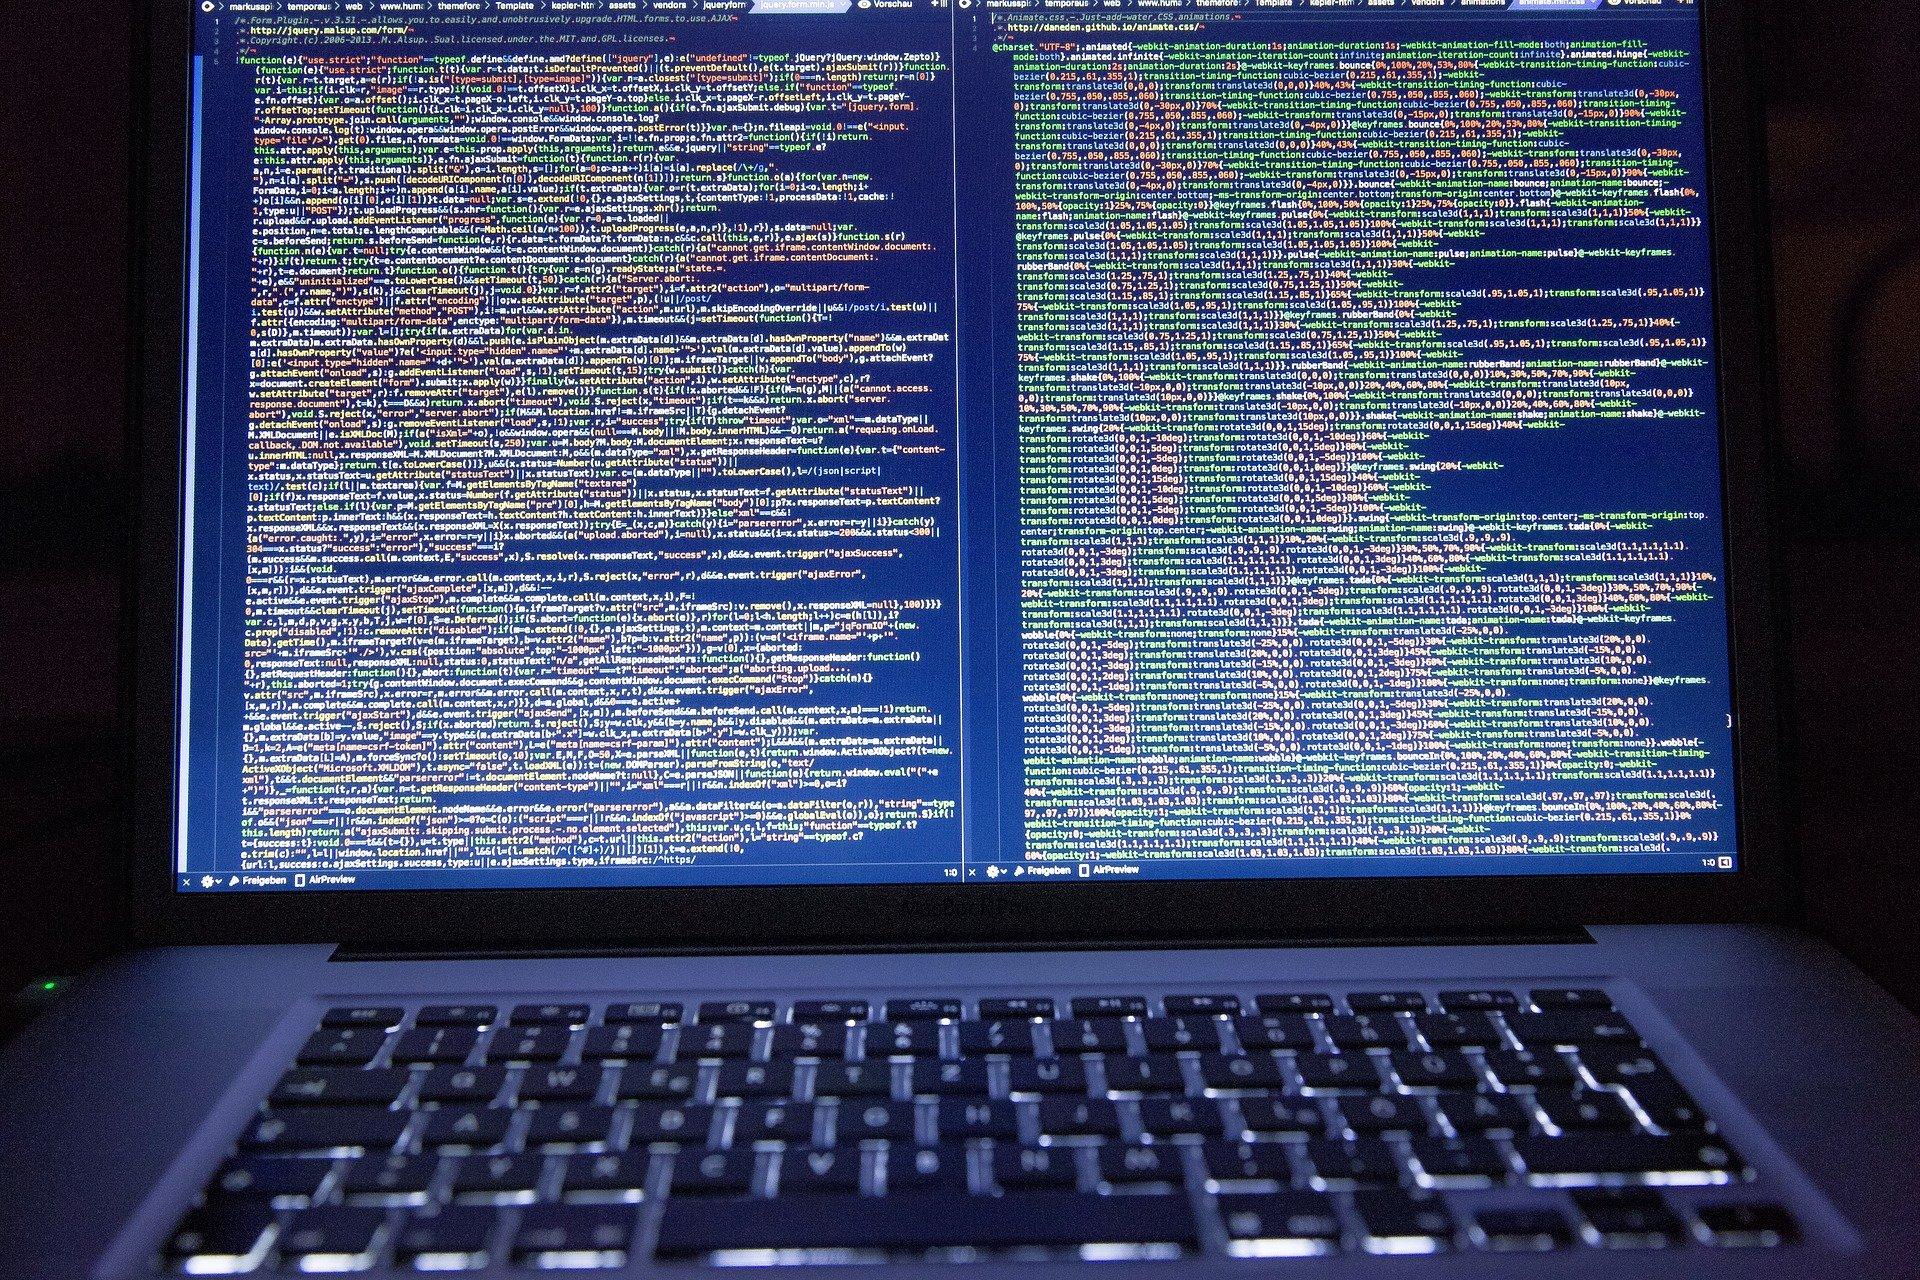 ordinador   markusspiske pixabay